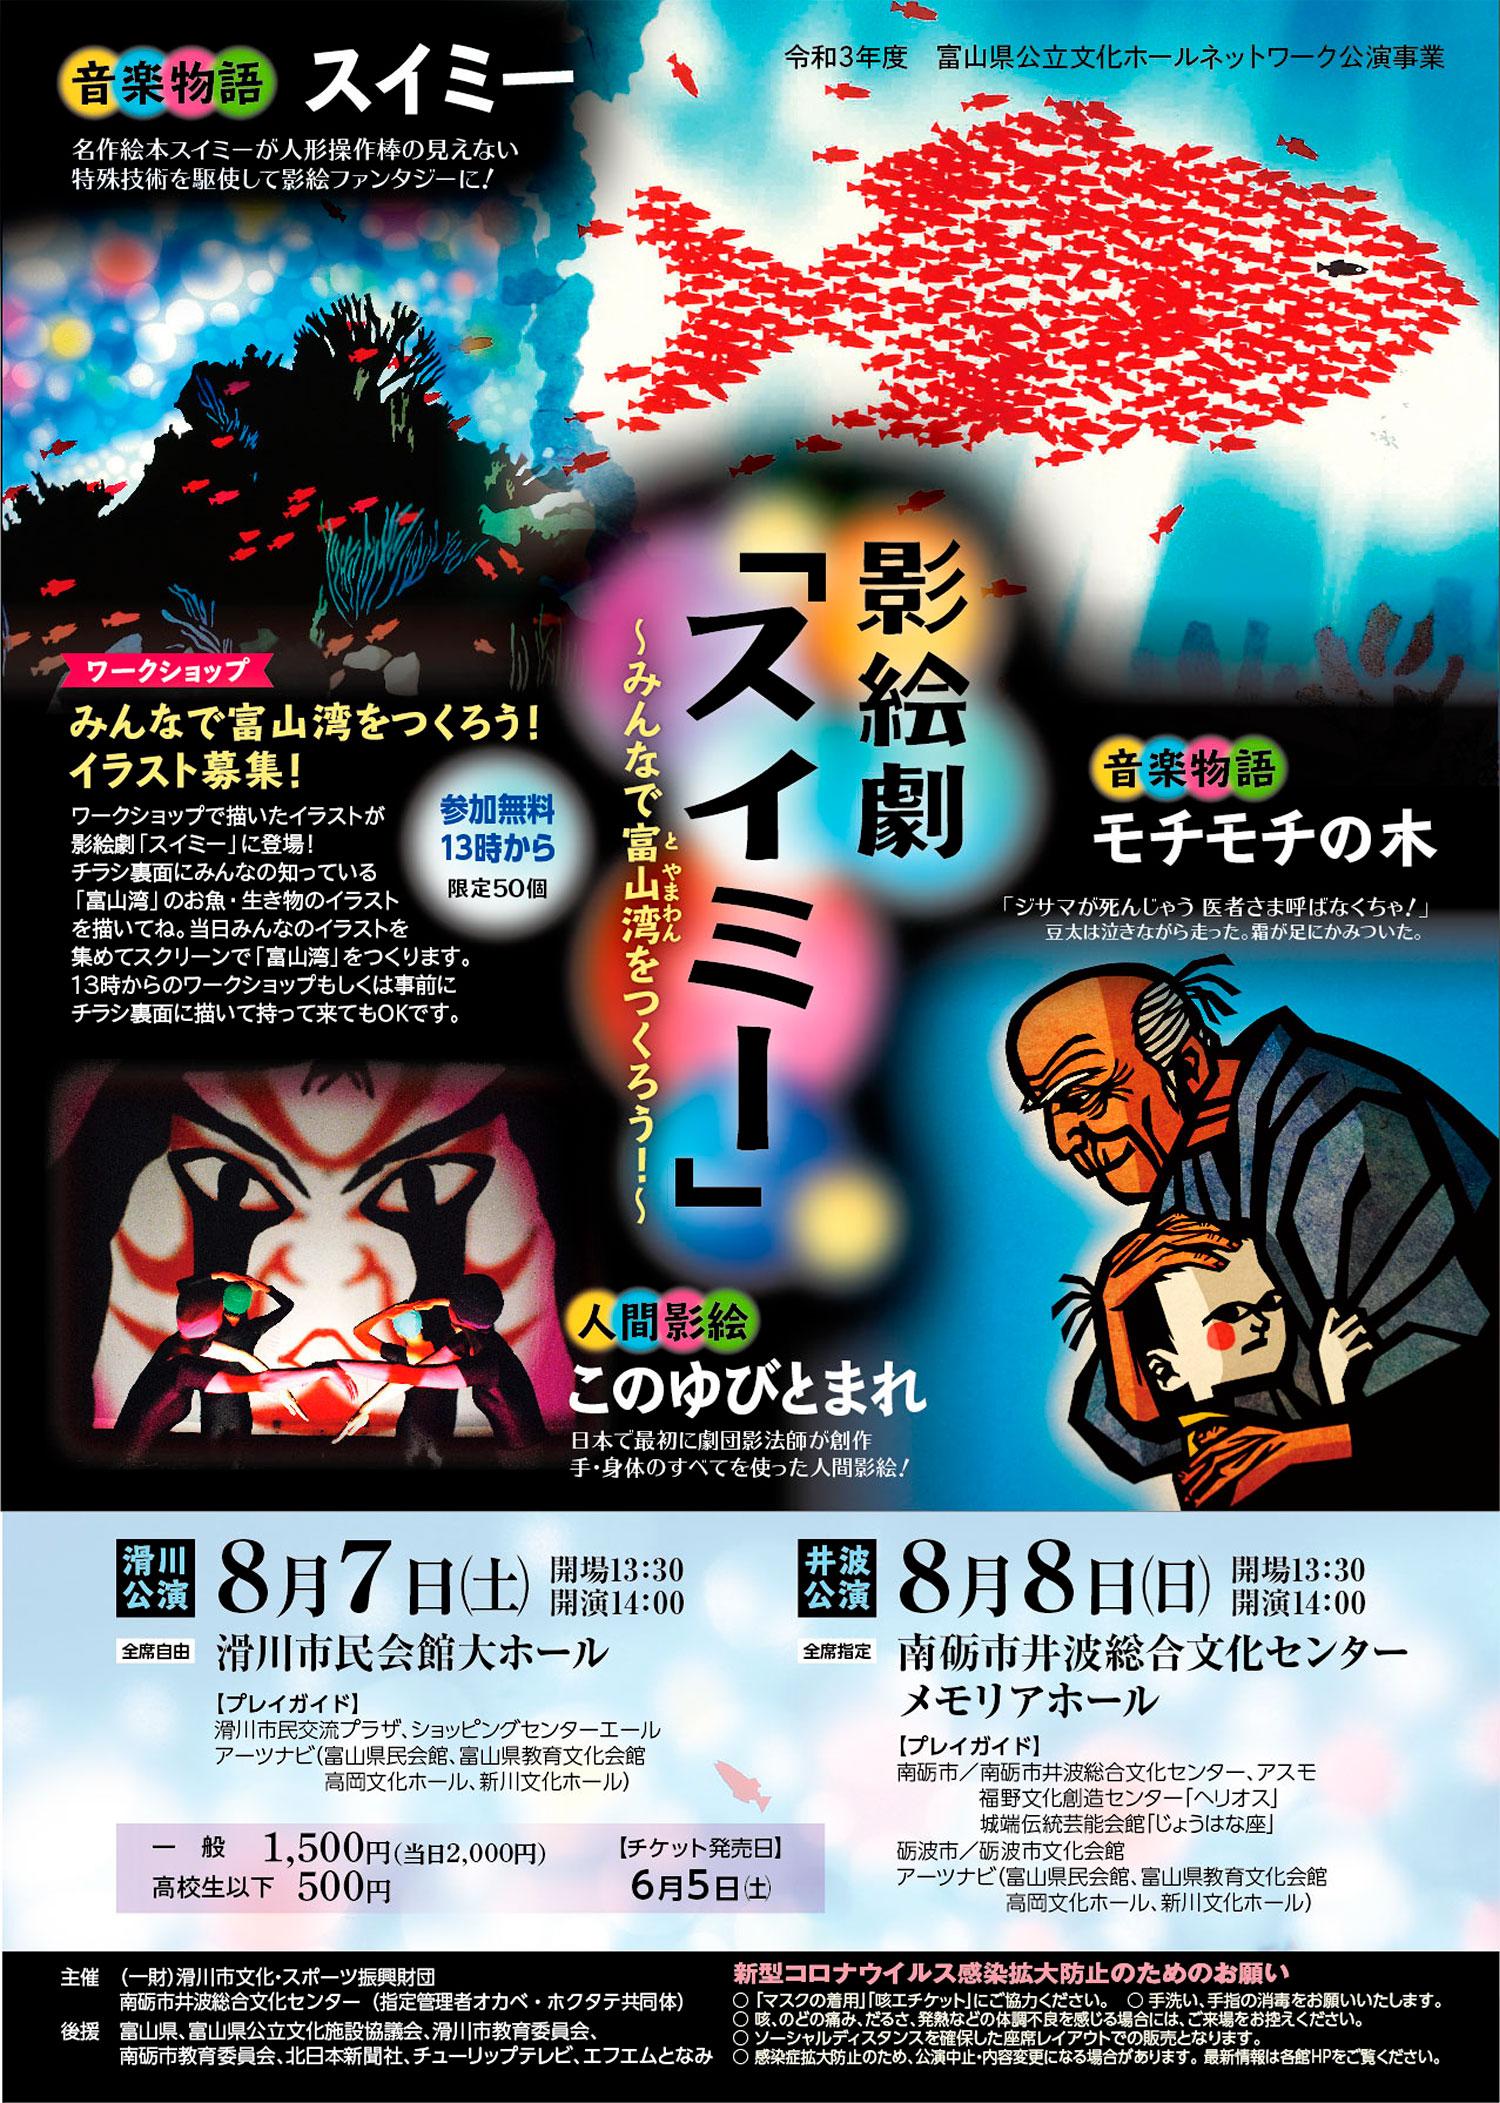 令和3年度 富山県公立文化ホールネットワーク公演事業 影絵劇「スイミー」~みんなで富山湾をつくろう!~の画像